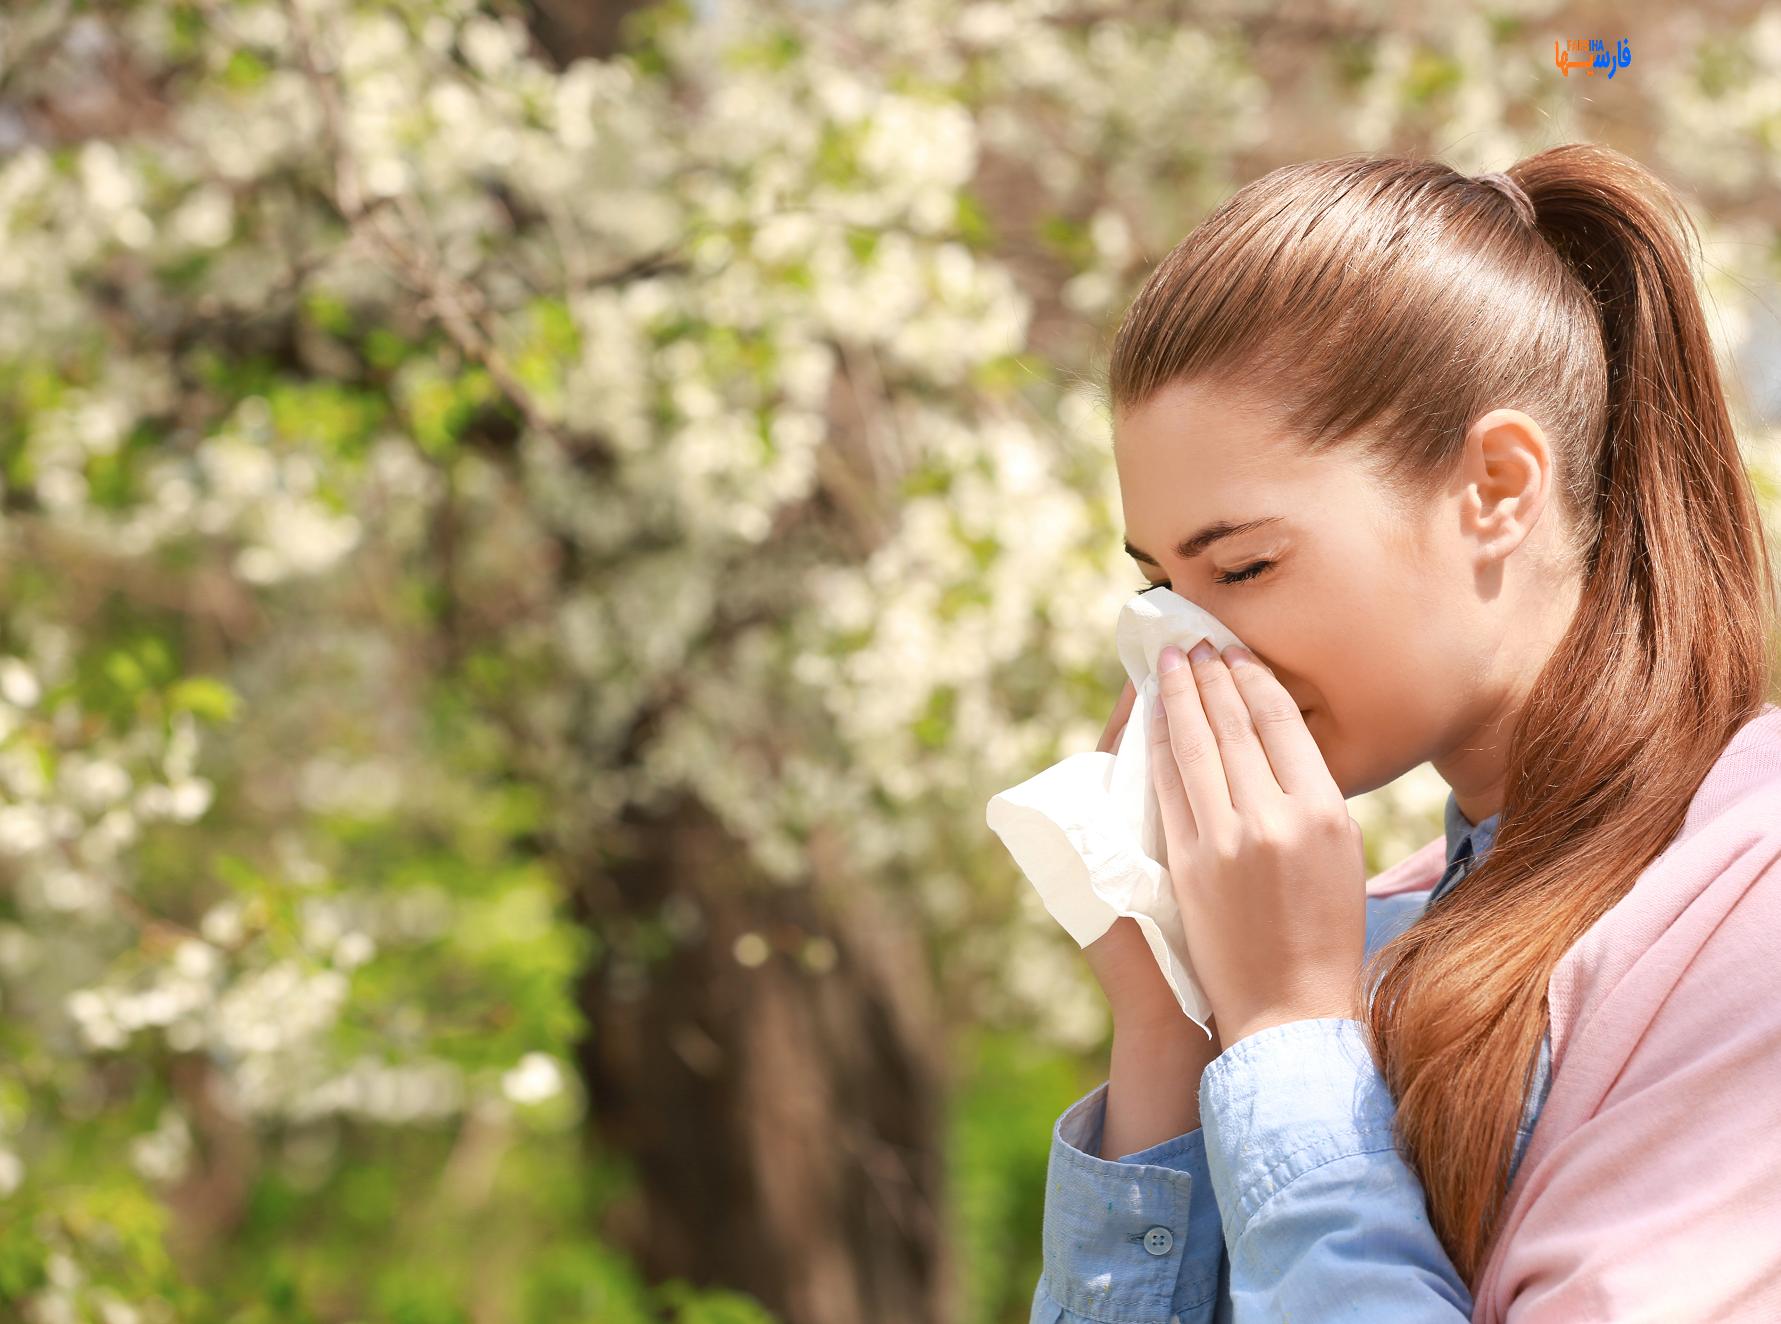 محرک های آلرژی